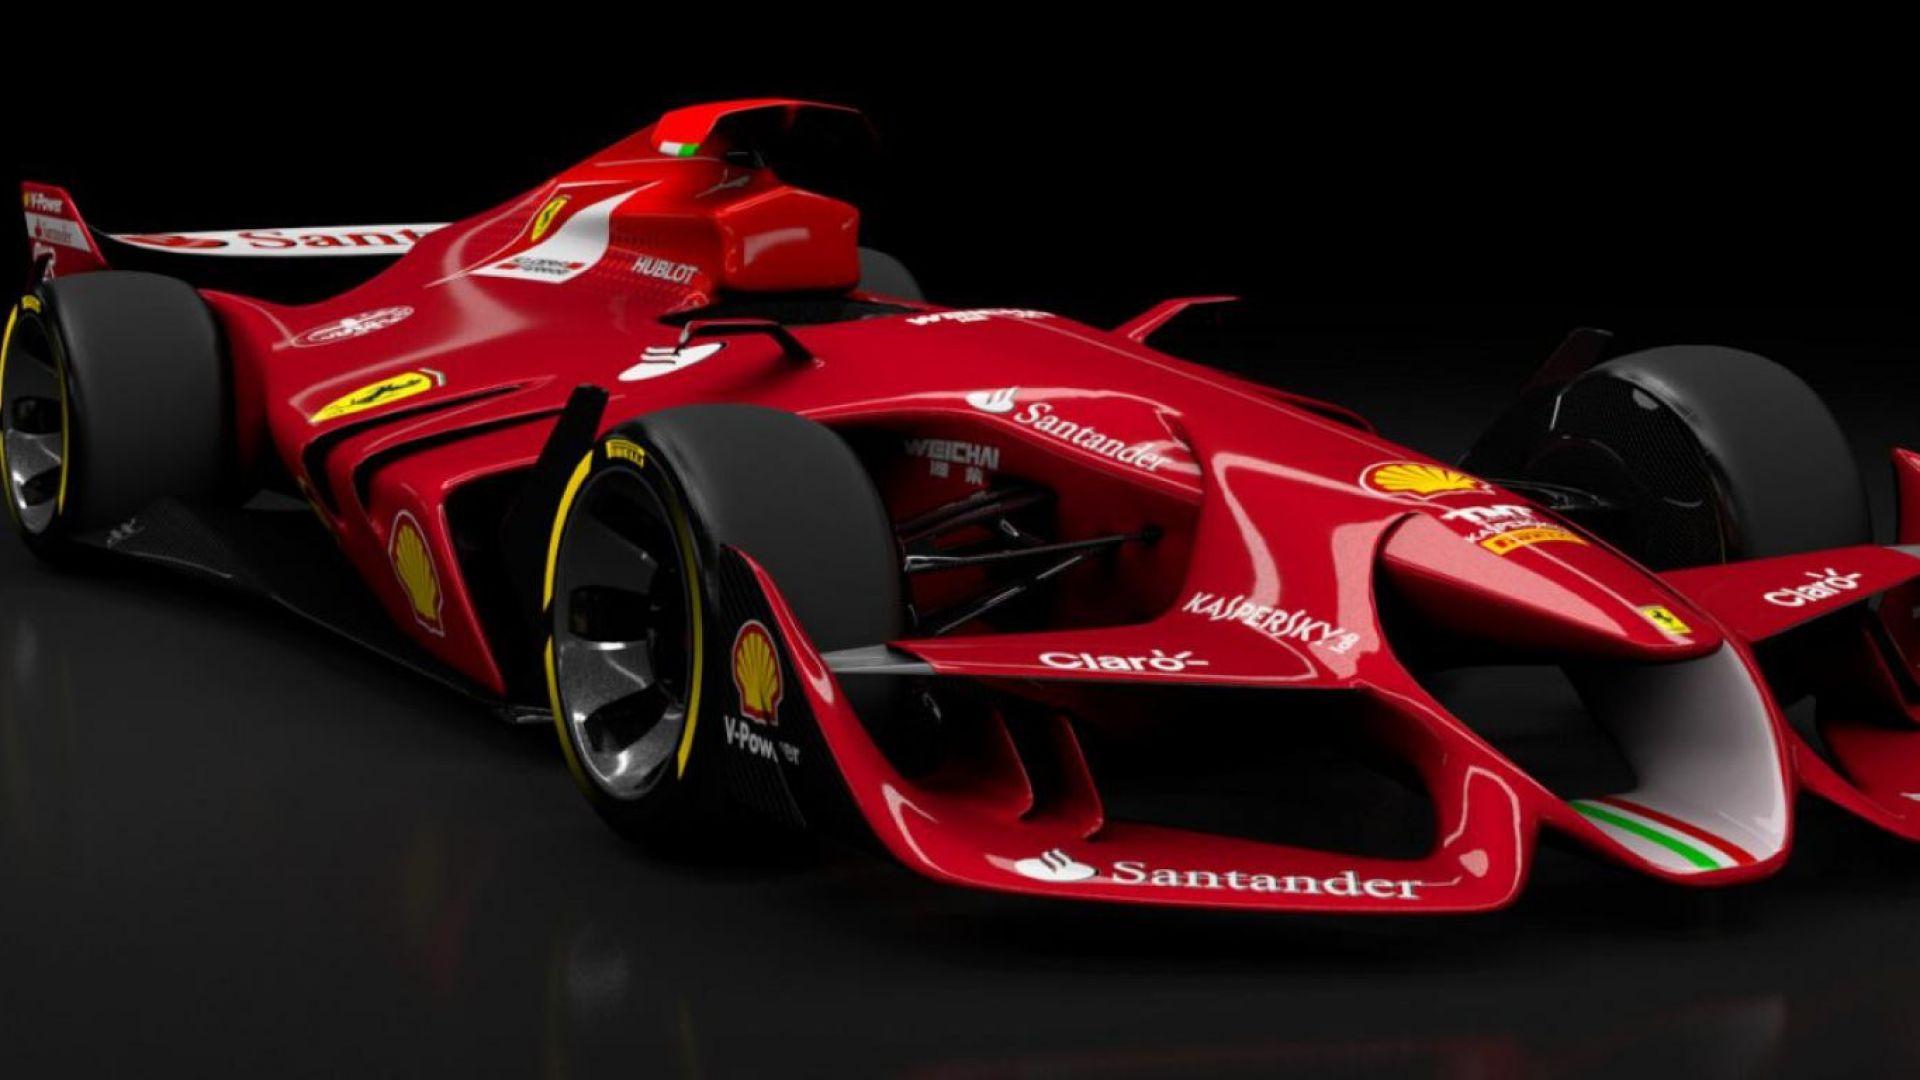 F1 2017 Car Wallpaper F1 2017 Marchionne Vede Il Futuro Ferrari In Formula E